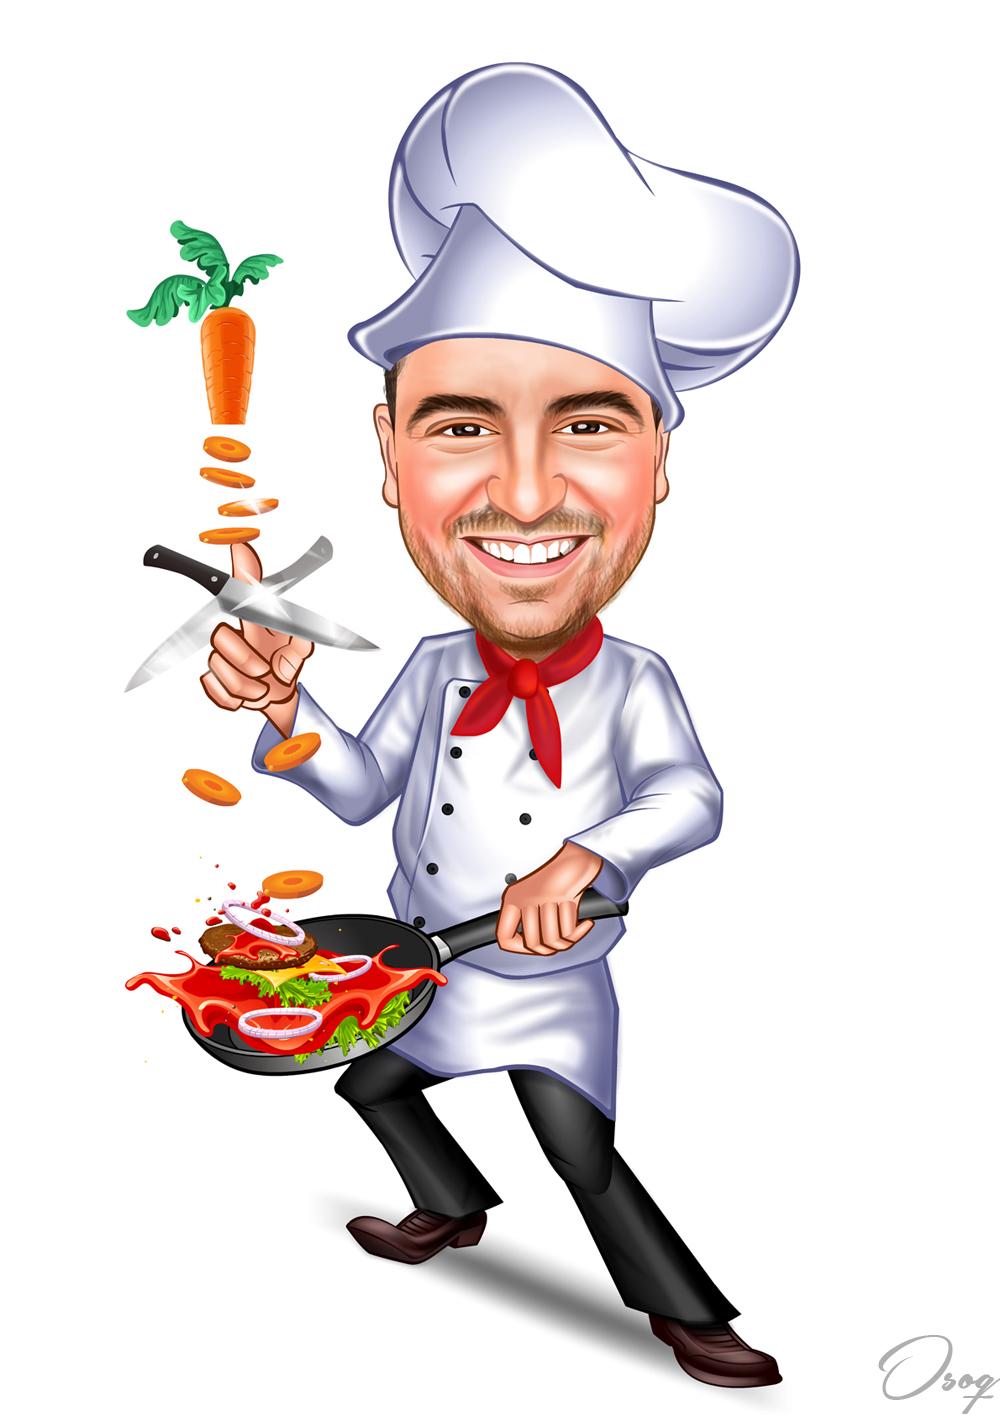 Chef Cartoon Osoq Com